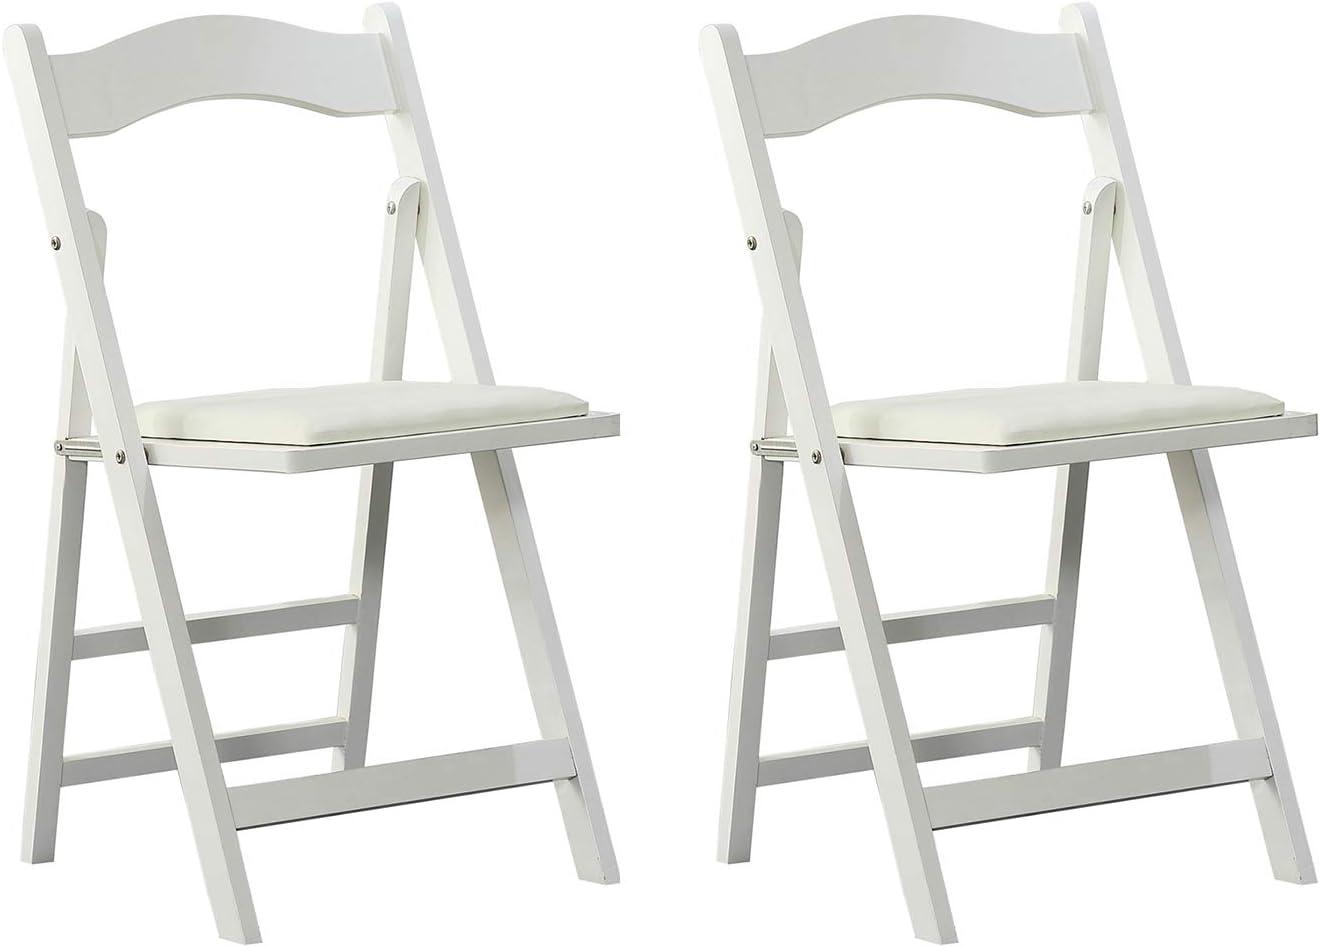 Arcalt Silla plegable de silla de comedor silla de madera para ...